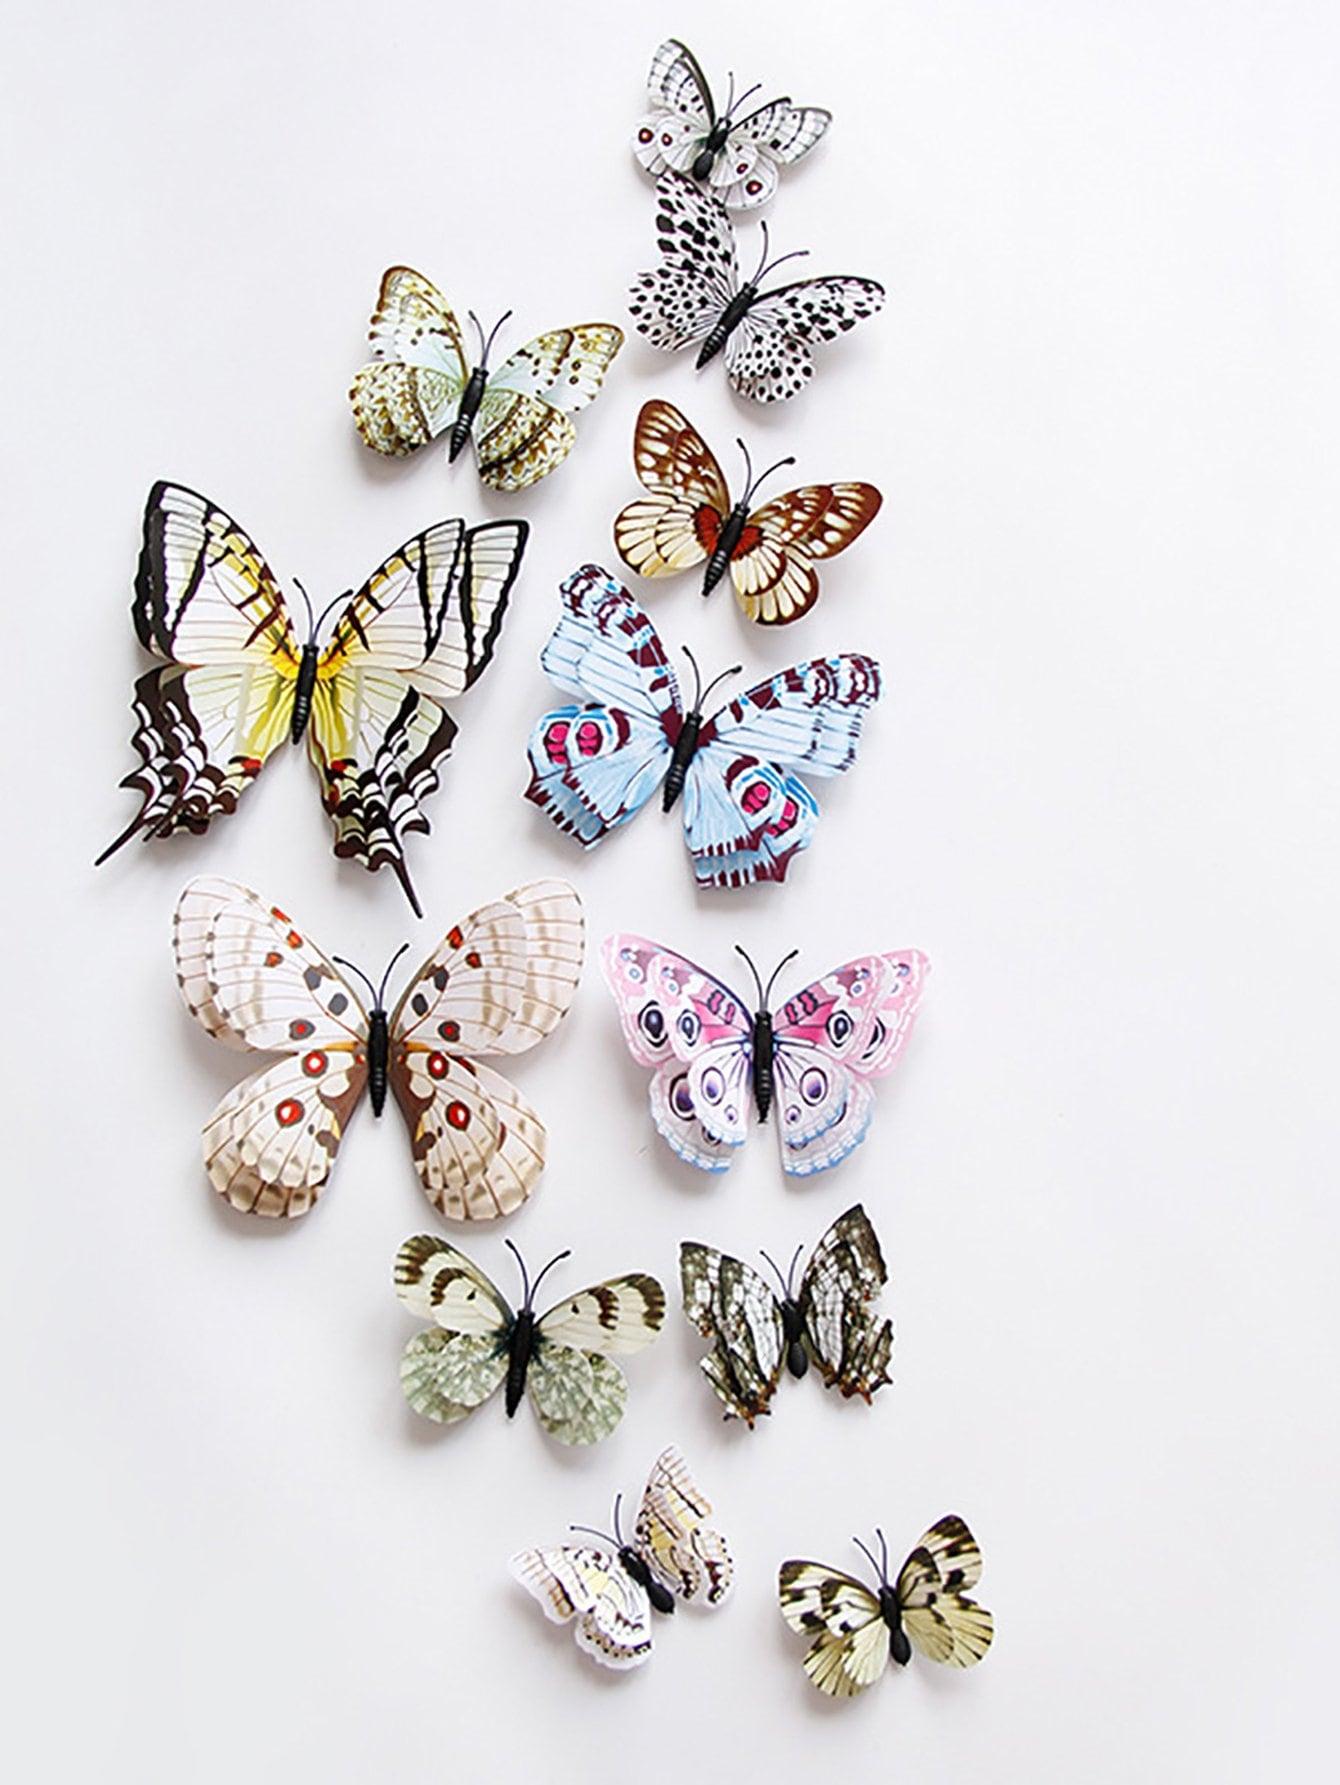 3D Schmetterling Wandaufkleber 12st